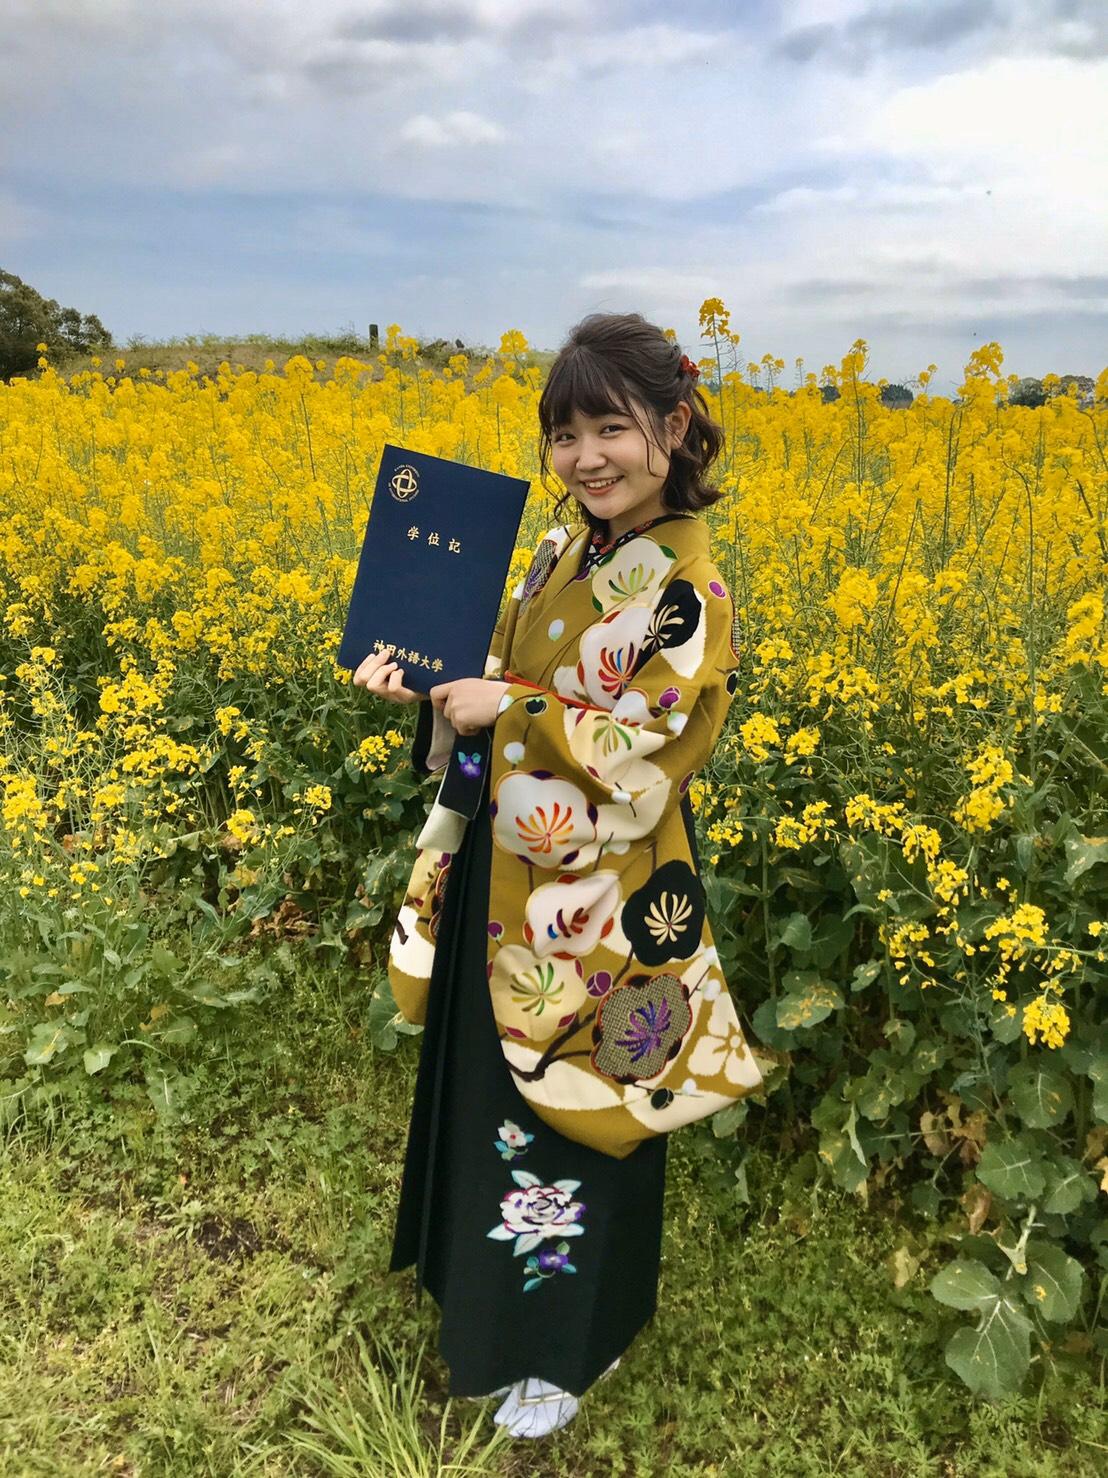 すっとこの袴を着るのを楽しみにしていました。